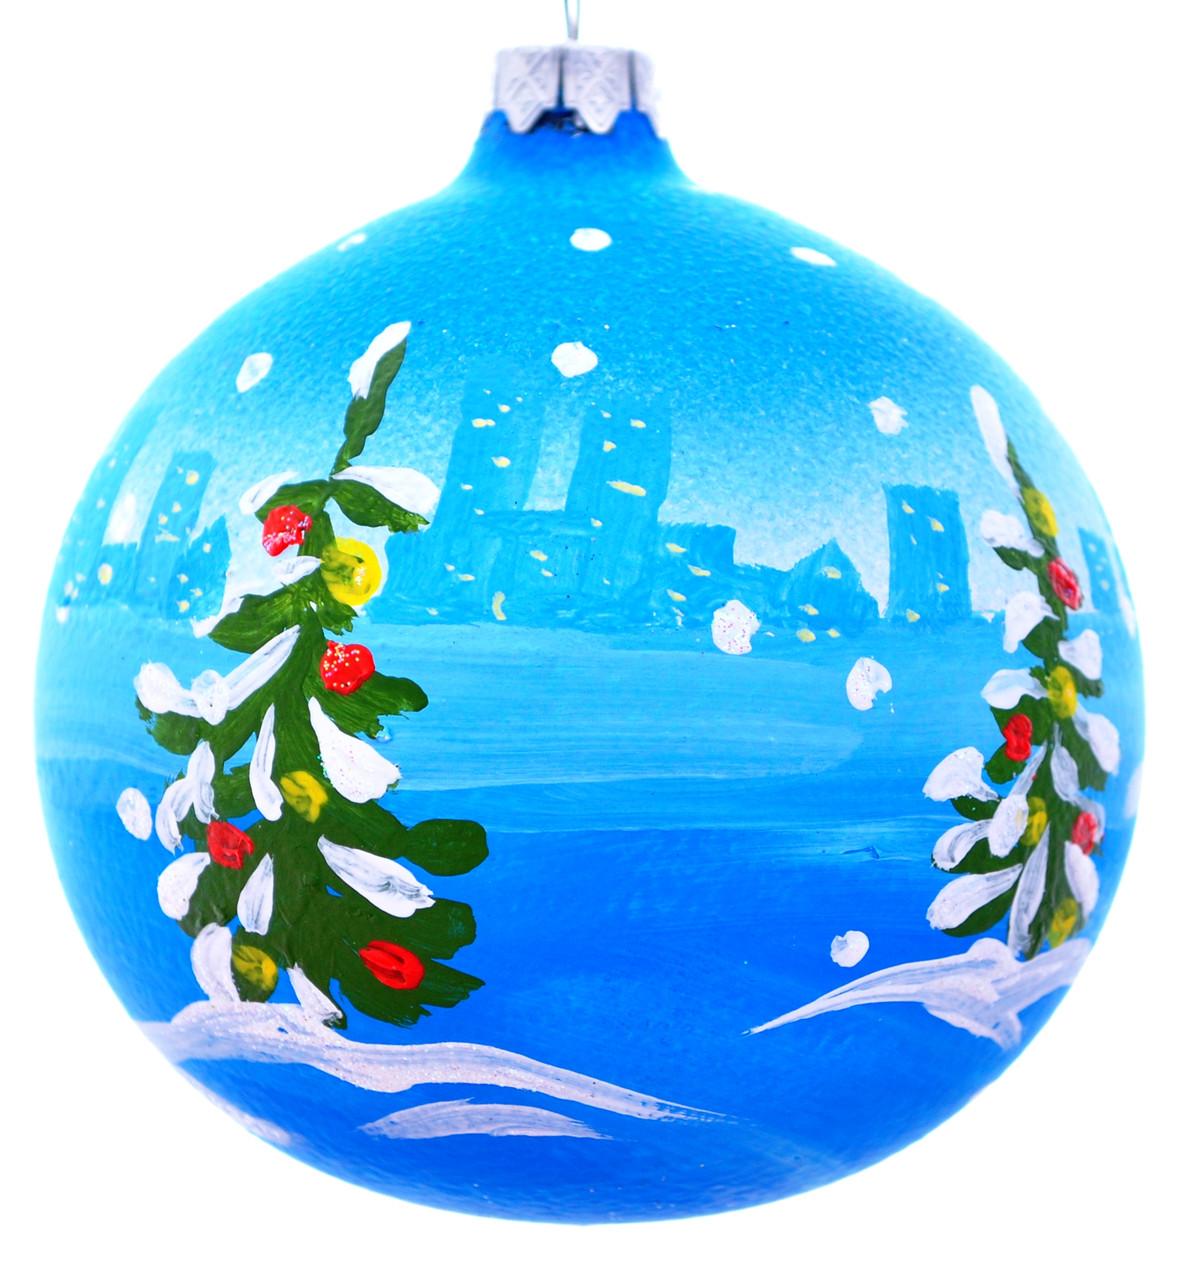 ab85062c987b4 Новогодние шары. Елочные украшения. Новогодние игрушки. Новогодние украшения.  Елочные